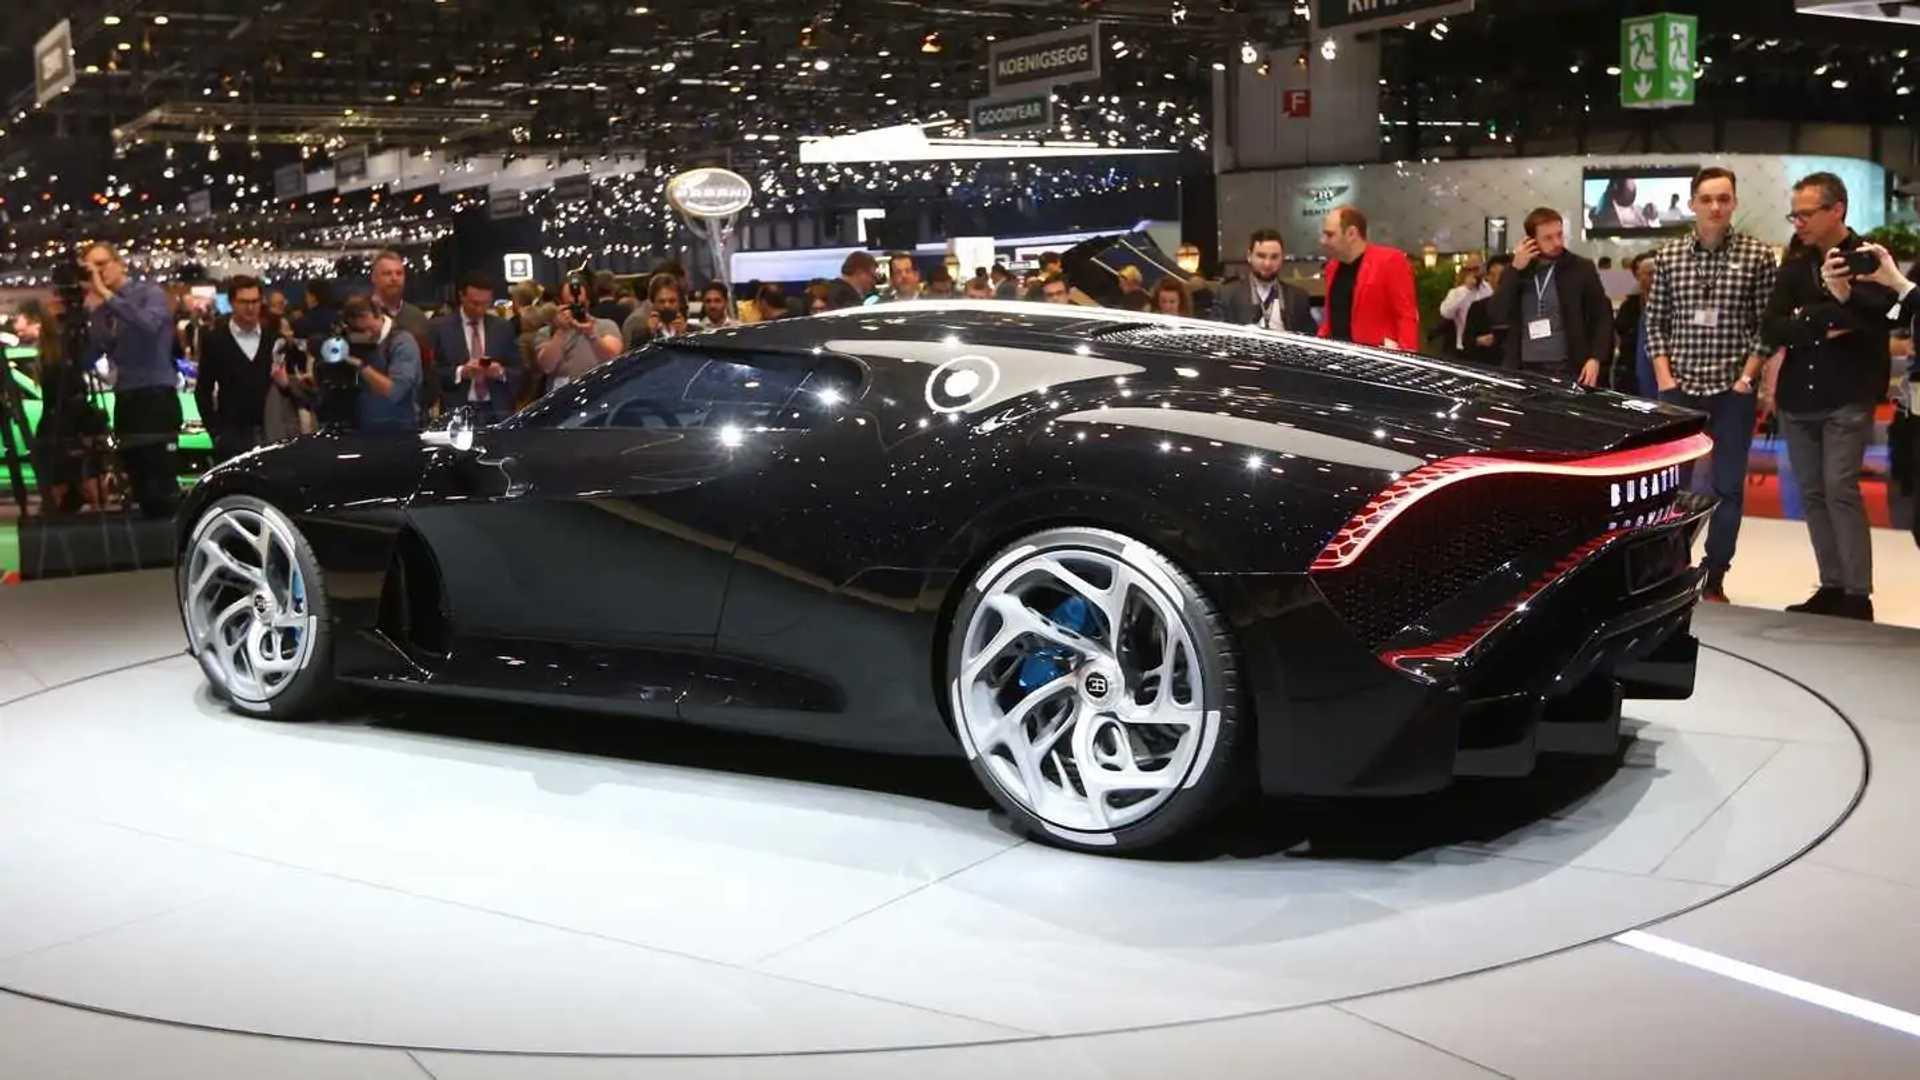 Bugatti La Voiture Noire Allegedly Bought By Cristiano Ronaldo Update